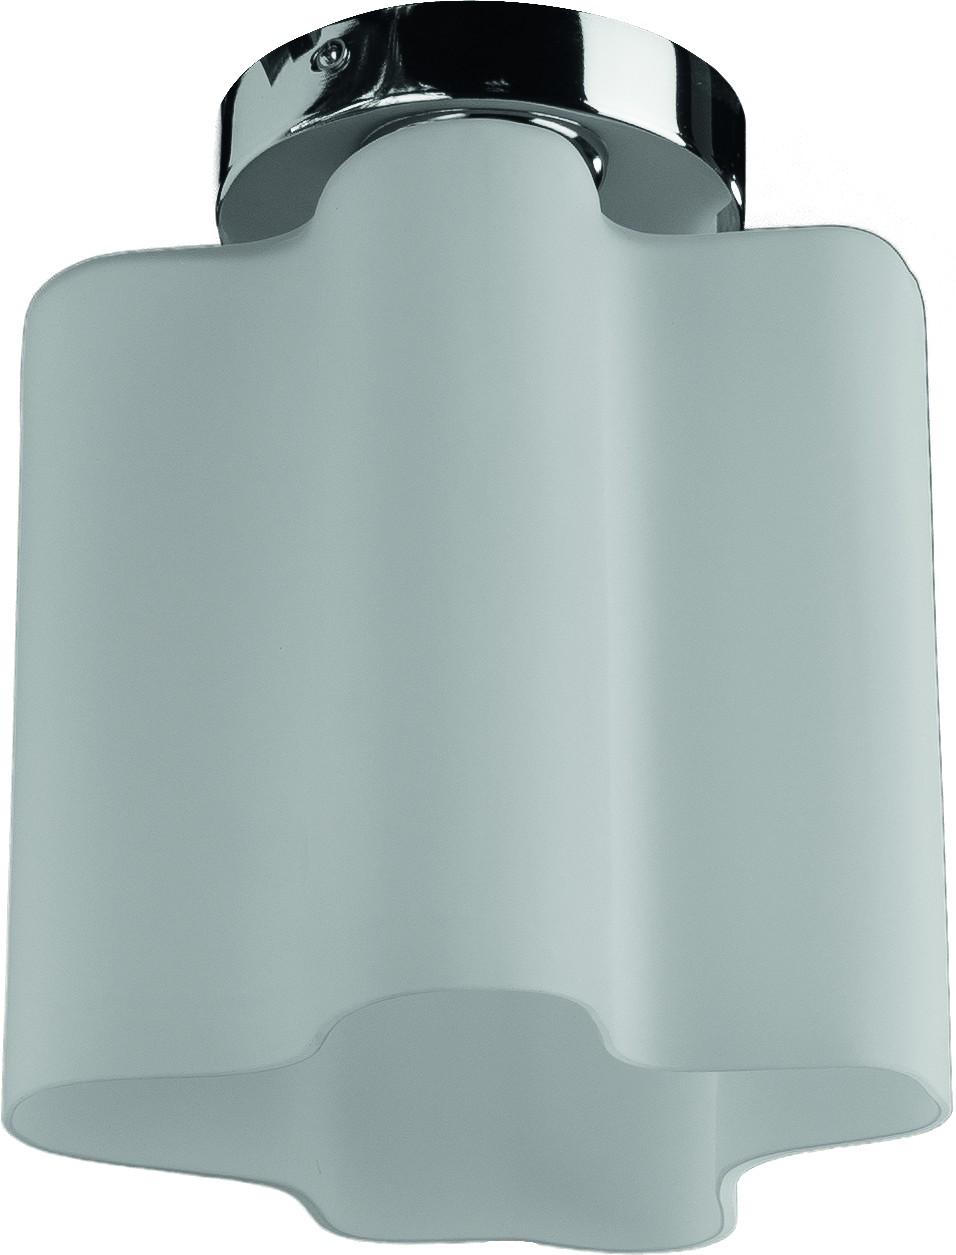 Люстра Arte lamp A3479pl-1cc  - Купить